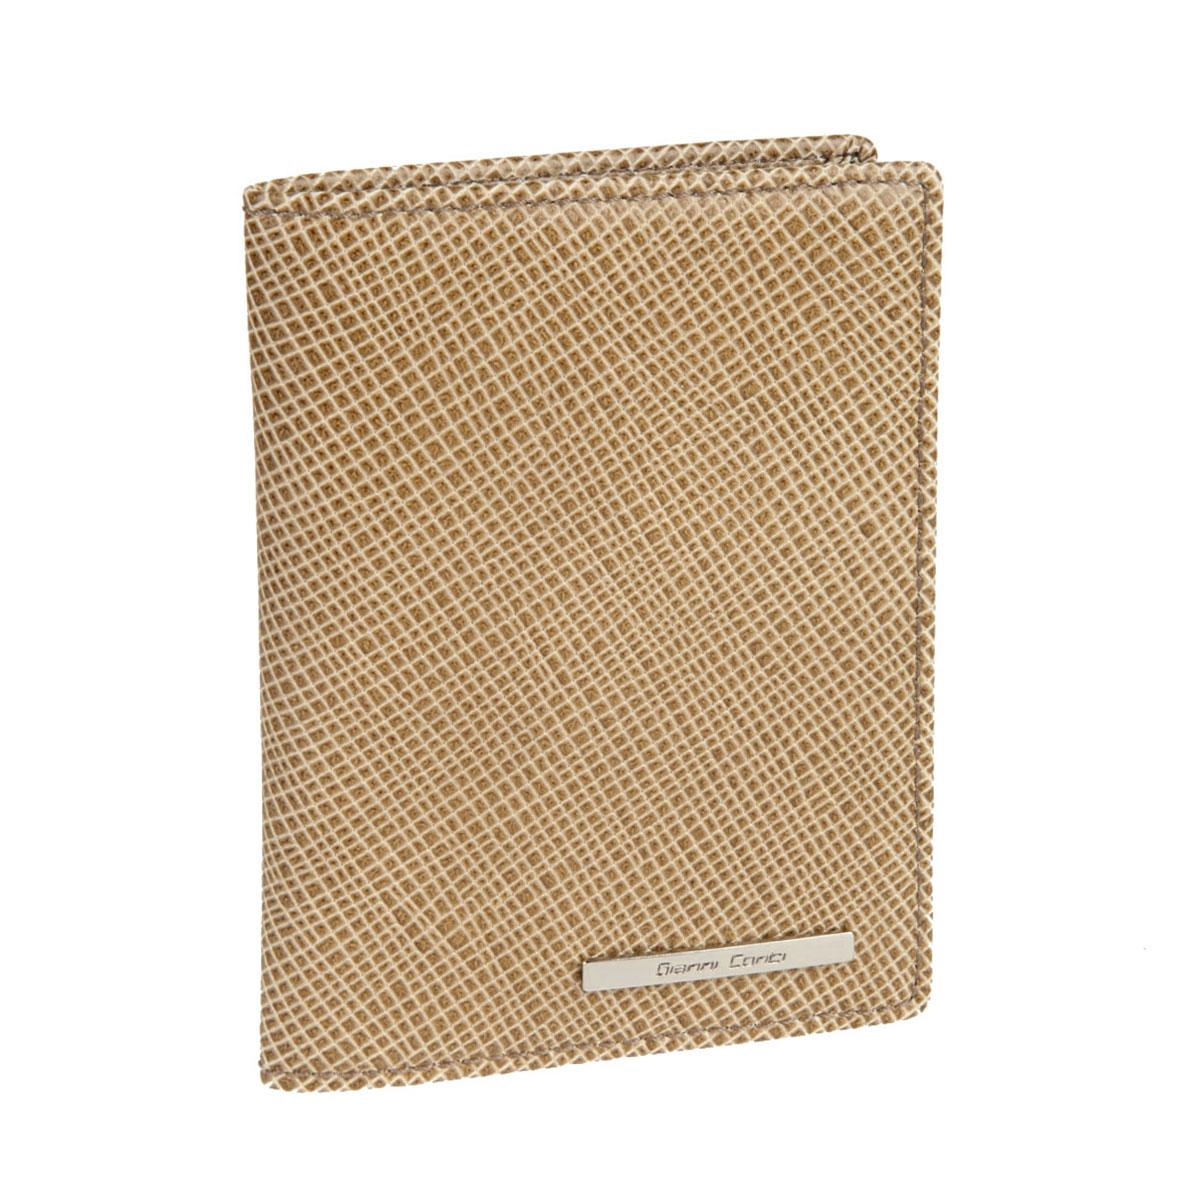 Обложка для паспорта Gianni Conti, цвет: песочный. 18774551877455 sand/taupeСтильная обложка Gianni Conti выполнена из натуральной кожи и оформлена металлической пластинкой с надписью в виде названия бренда. На внутреннем развороте справа расположено шесть кармашков для пластиковых карт и визиток. Ширина левого разворота 3 см, правого 7 см. Оба разворота изготовлены из натуральной кожи. Такая обложка не только поможет сохранить внешний вид ваших документов и защитит их от повреждений, но и станет ярким аксессуаром, который подчеркнет ваш образ. Обложка упакована в подарочную картонную коробку желтого цвета с логотипом фирмы.